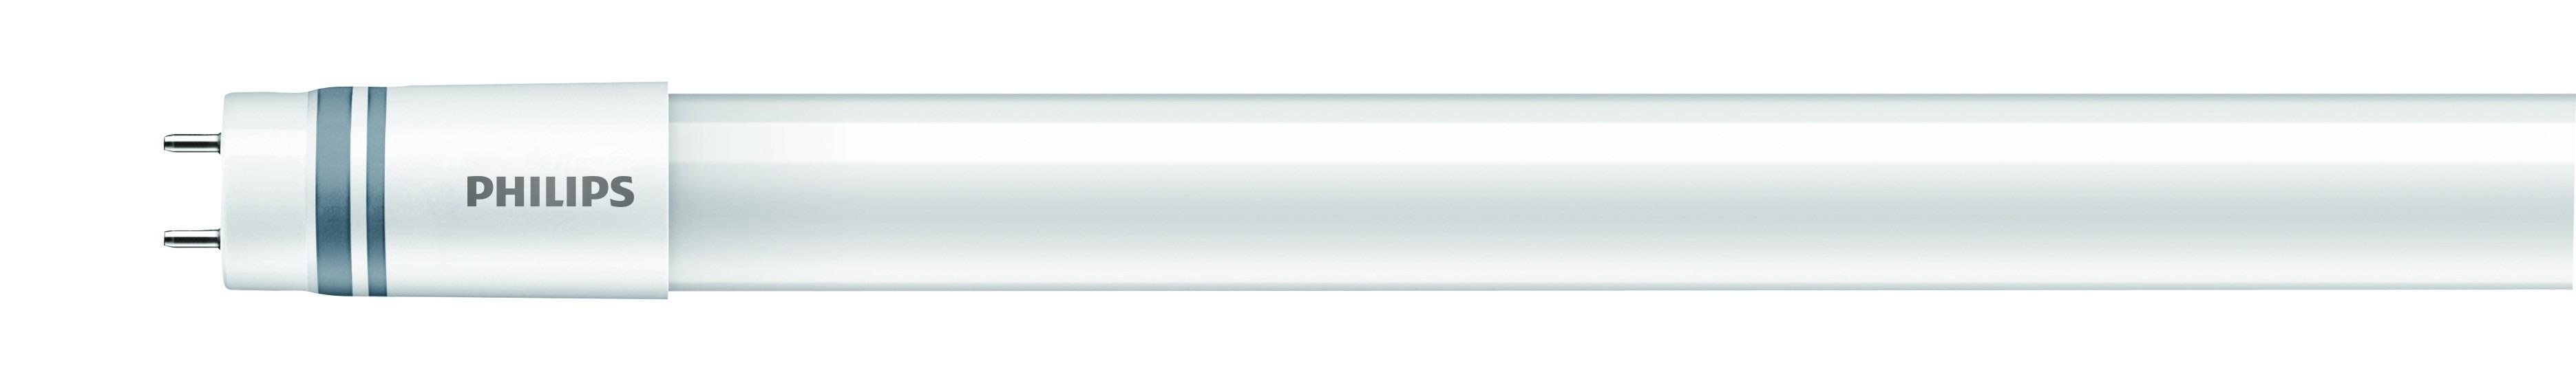 LED Röhre Philips CorePro 120 cm EVG